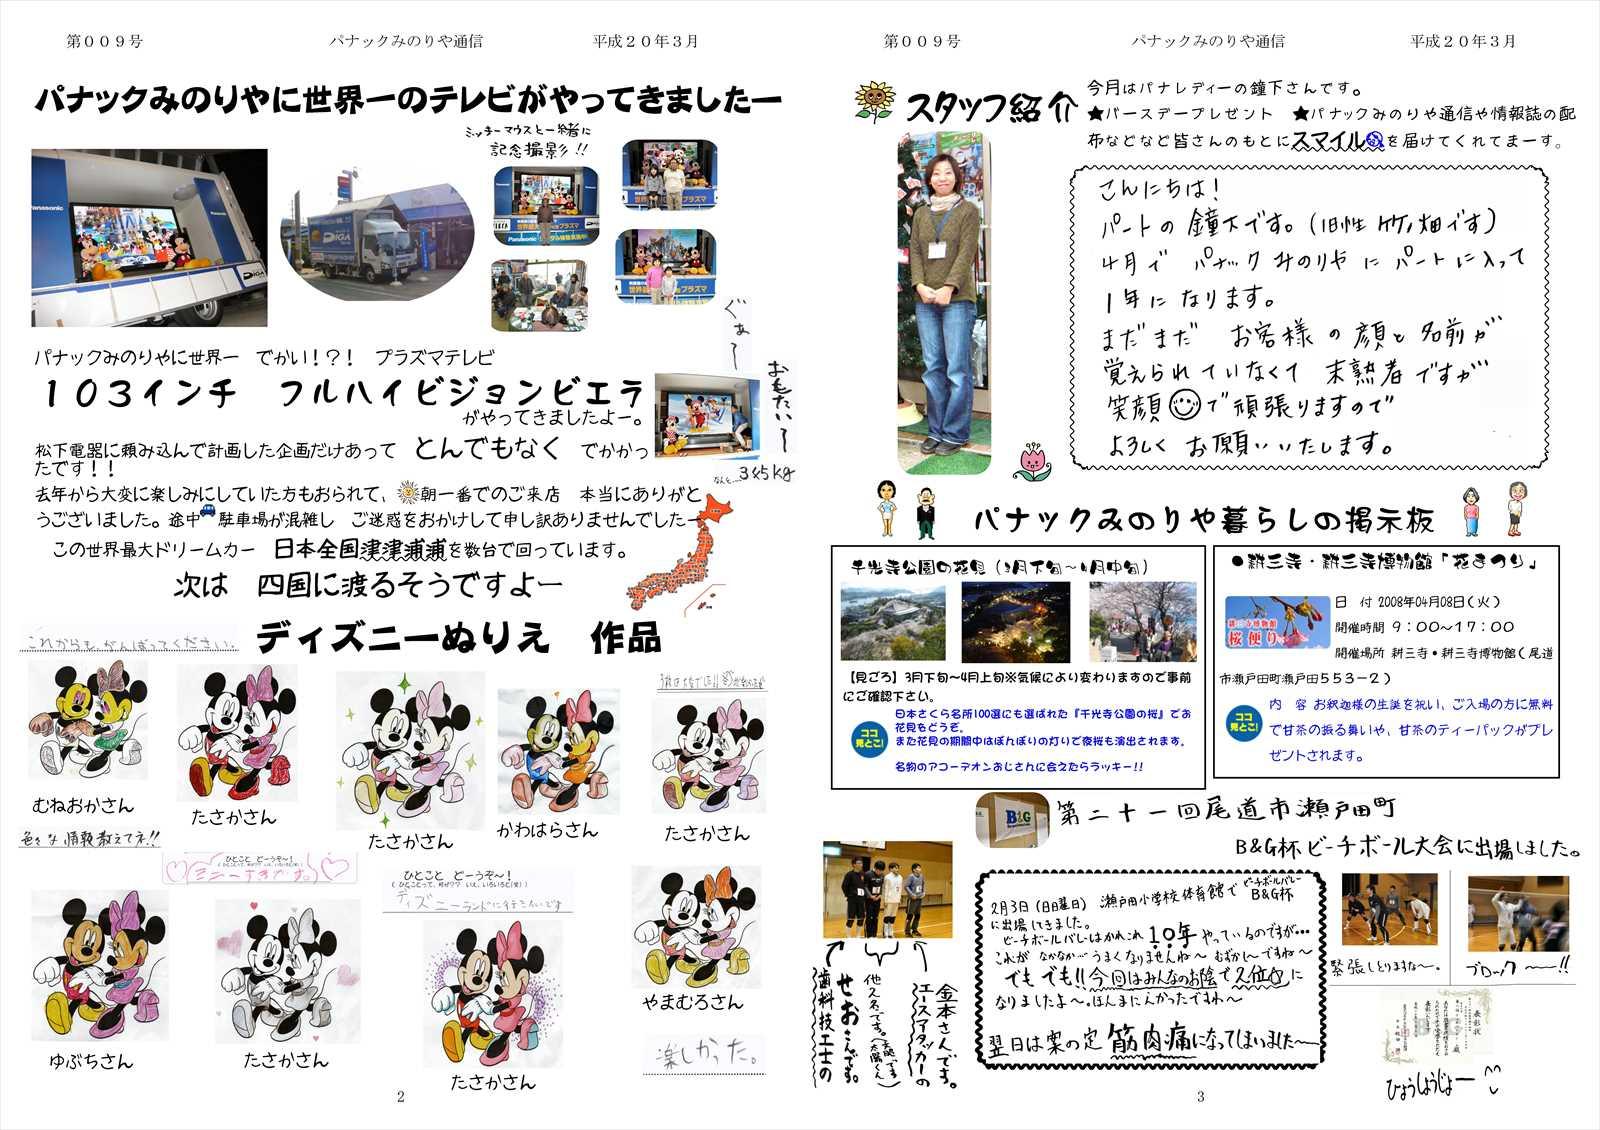 みのりや通信3月c号瀬戸田情報_ページ_2_Ra